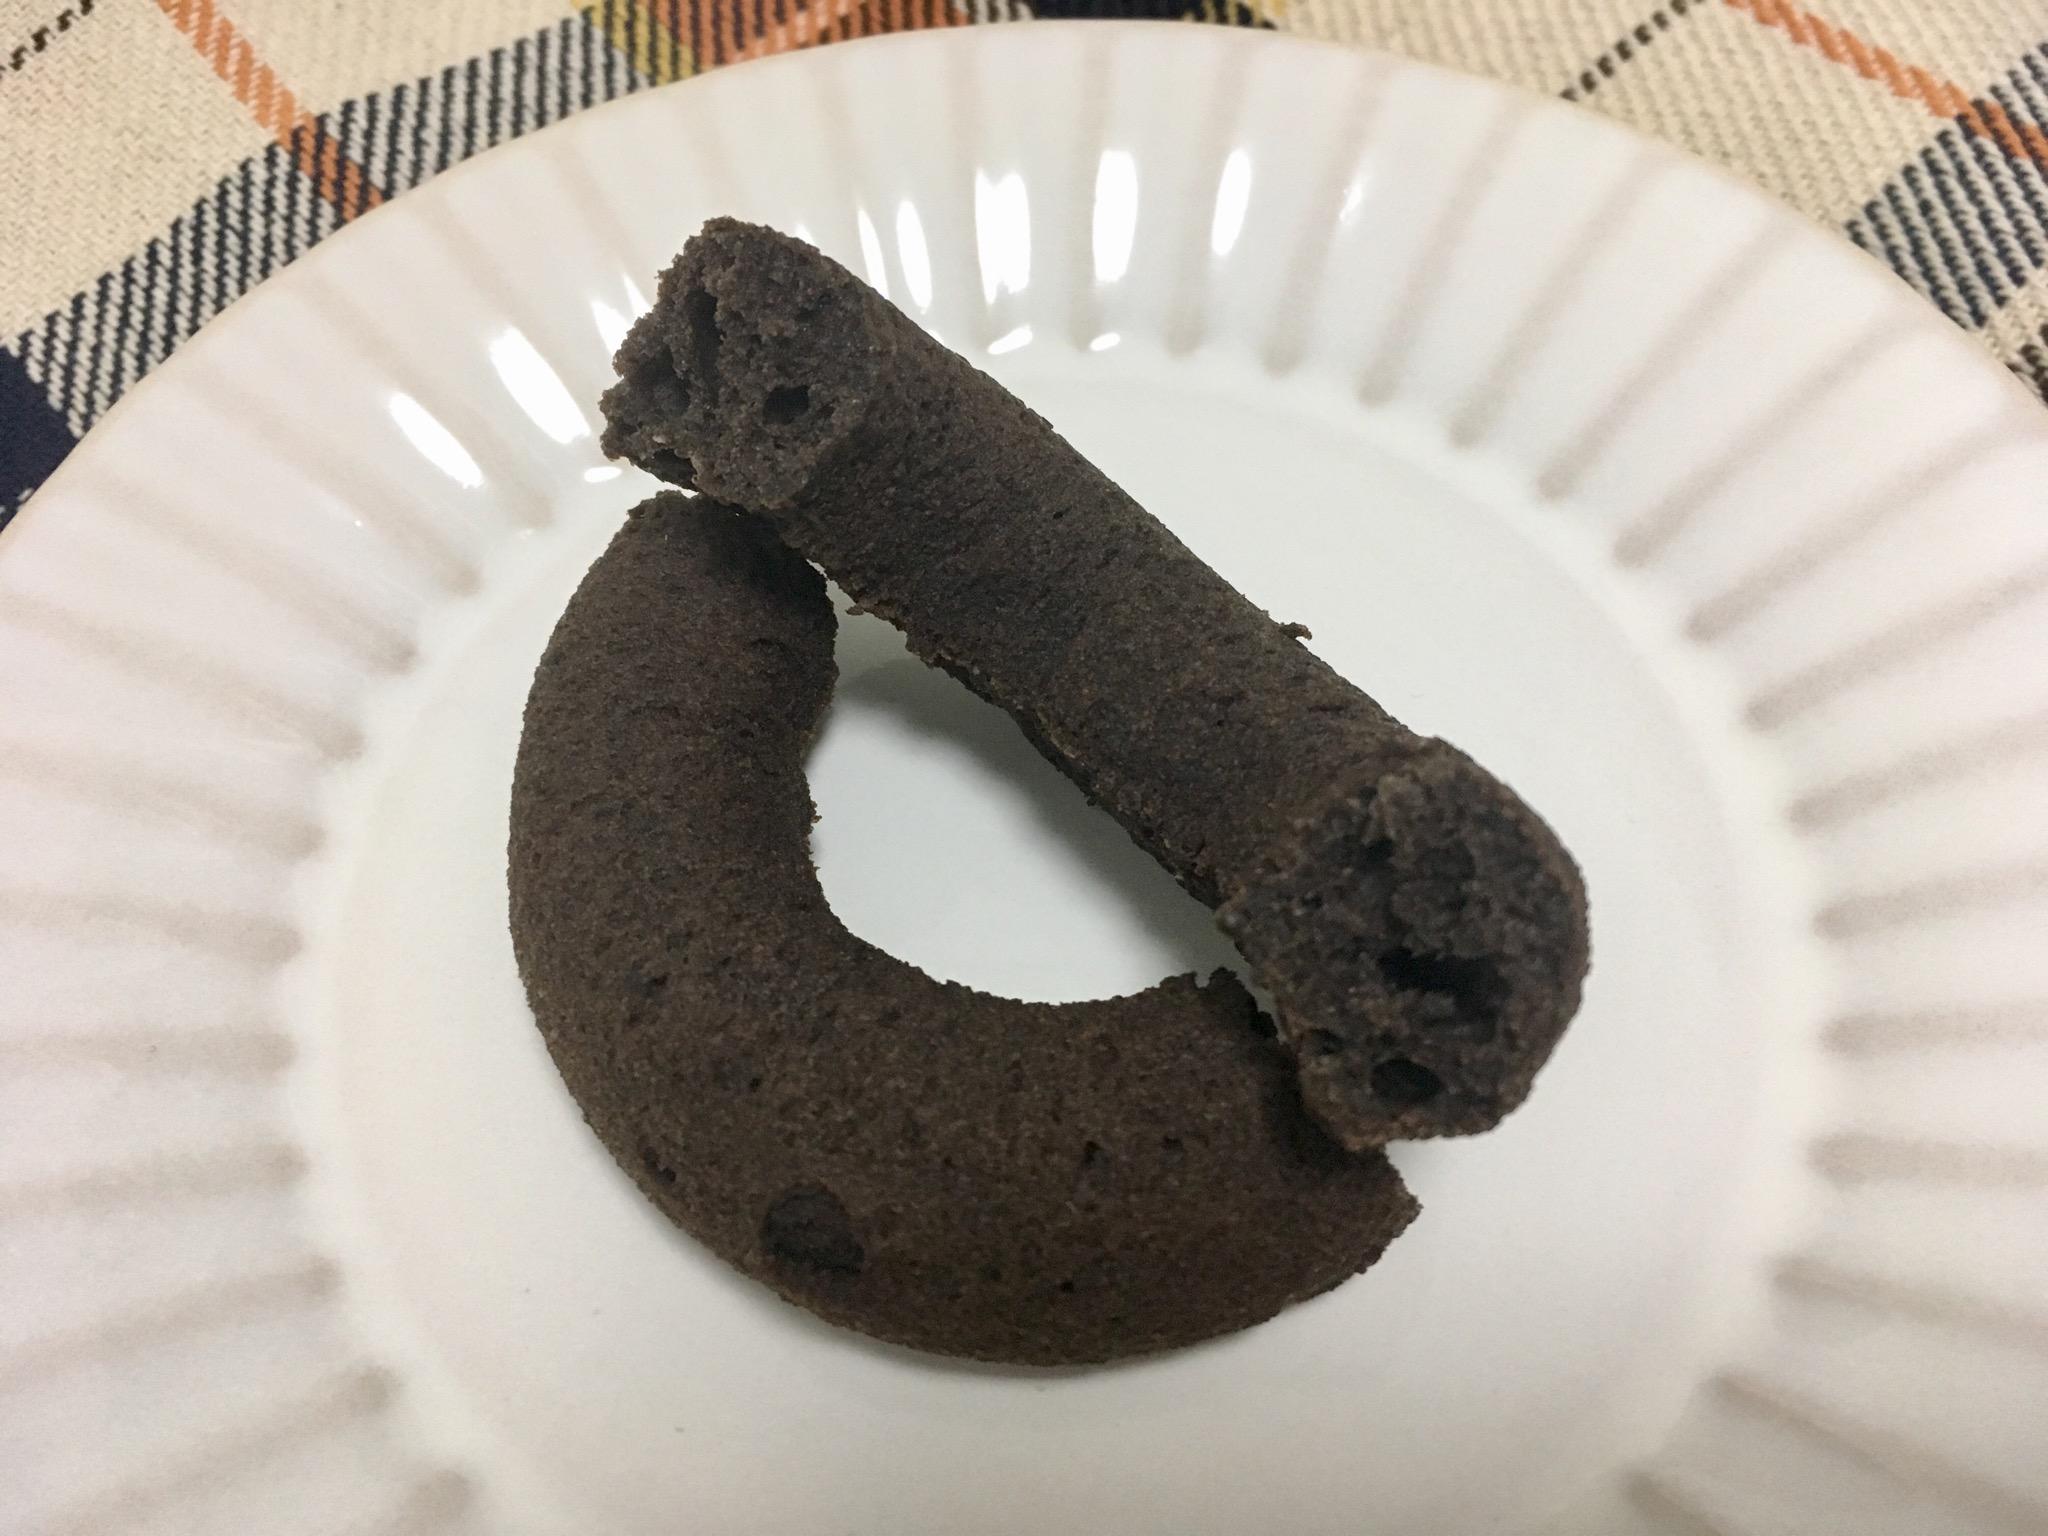 無印良品の糖質10g以下のお菓子 チョコドーナツ